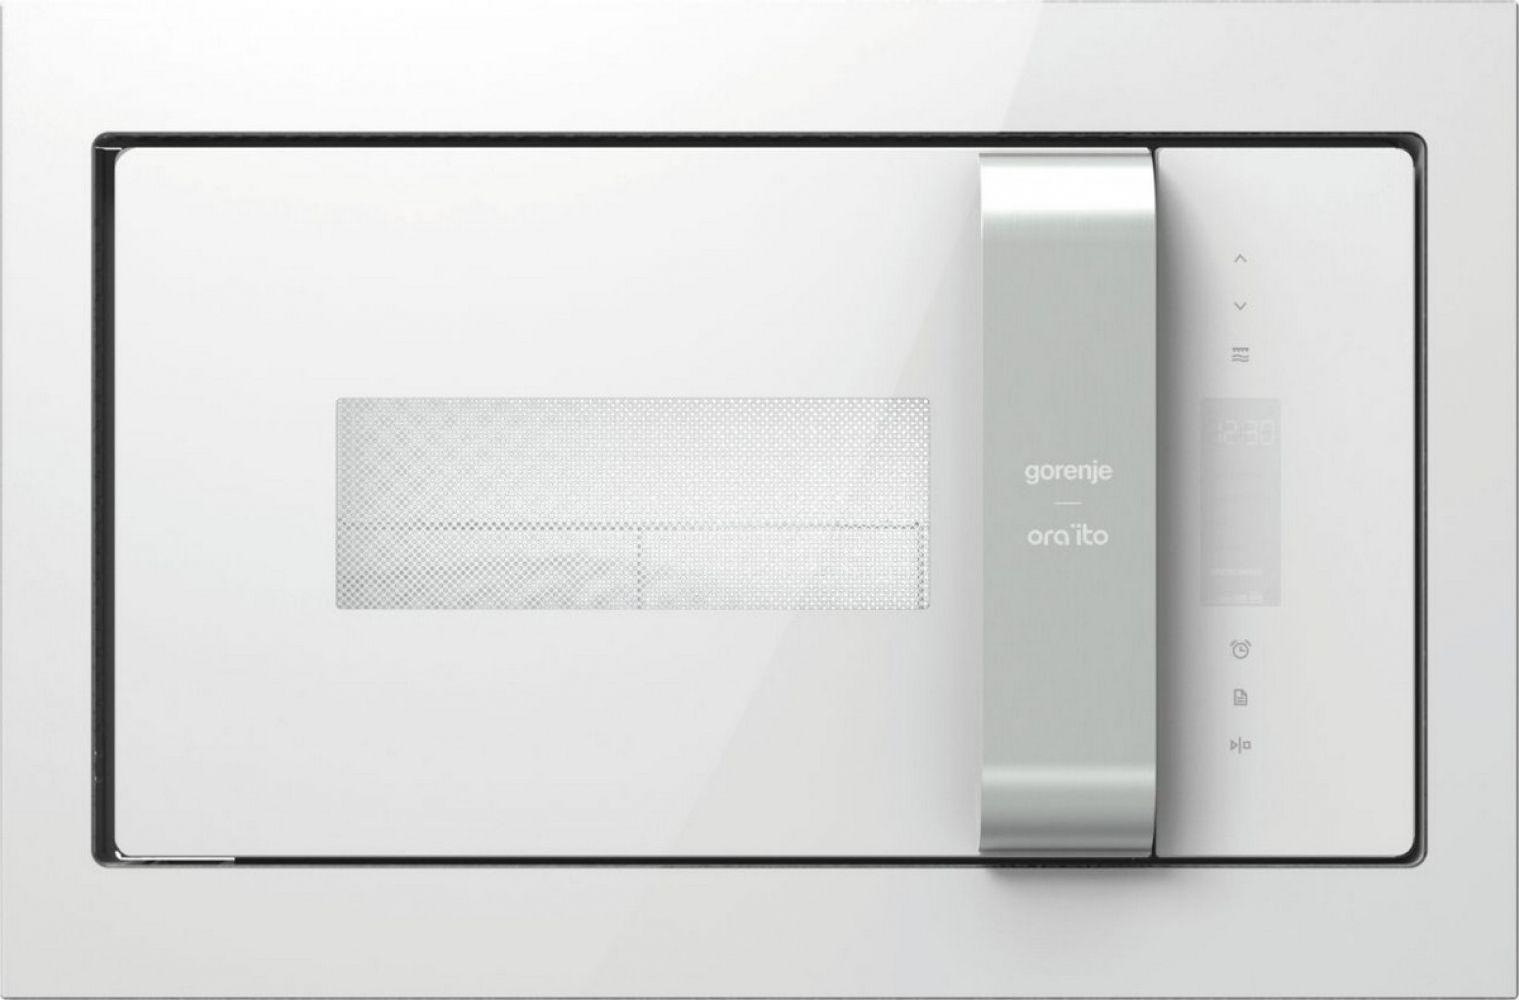 Купить Встраиваемые микроволновые печи, Встраиваемая микроволновая печь GORENJE BM 235 ORA-W